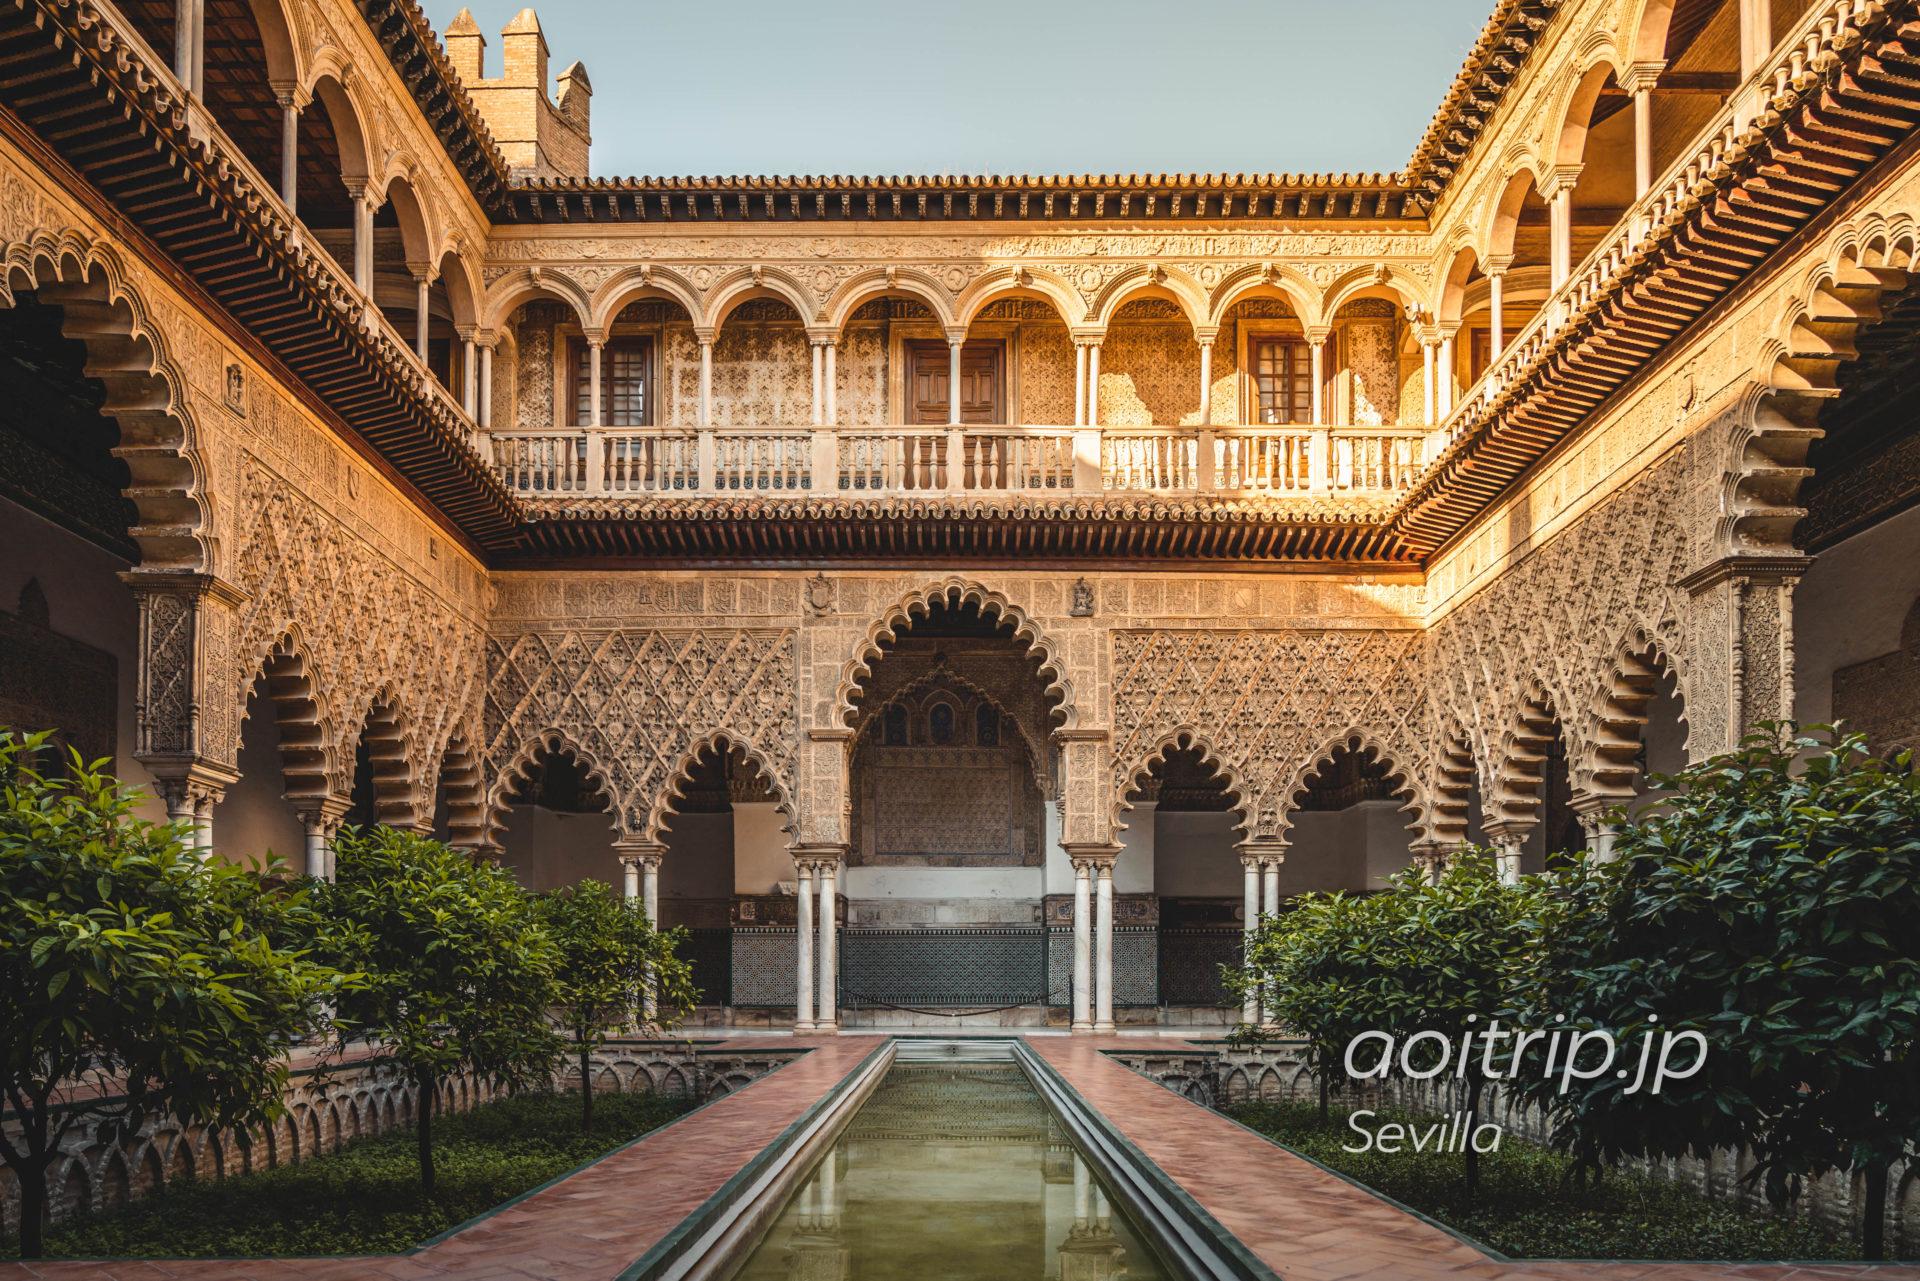 スペイン セビージャのアルカサル 中庭